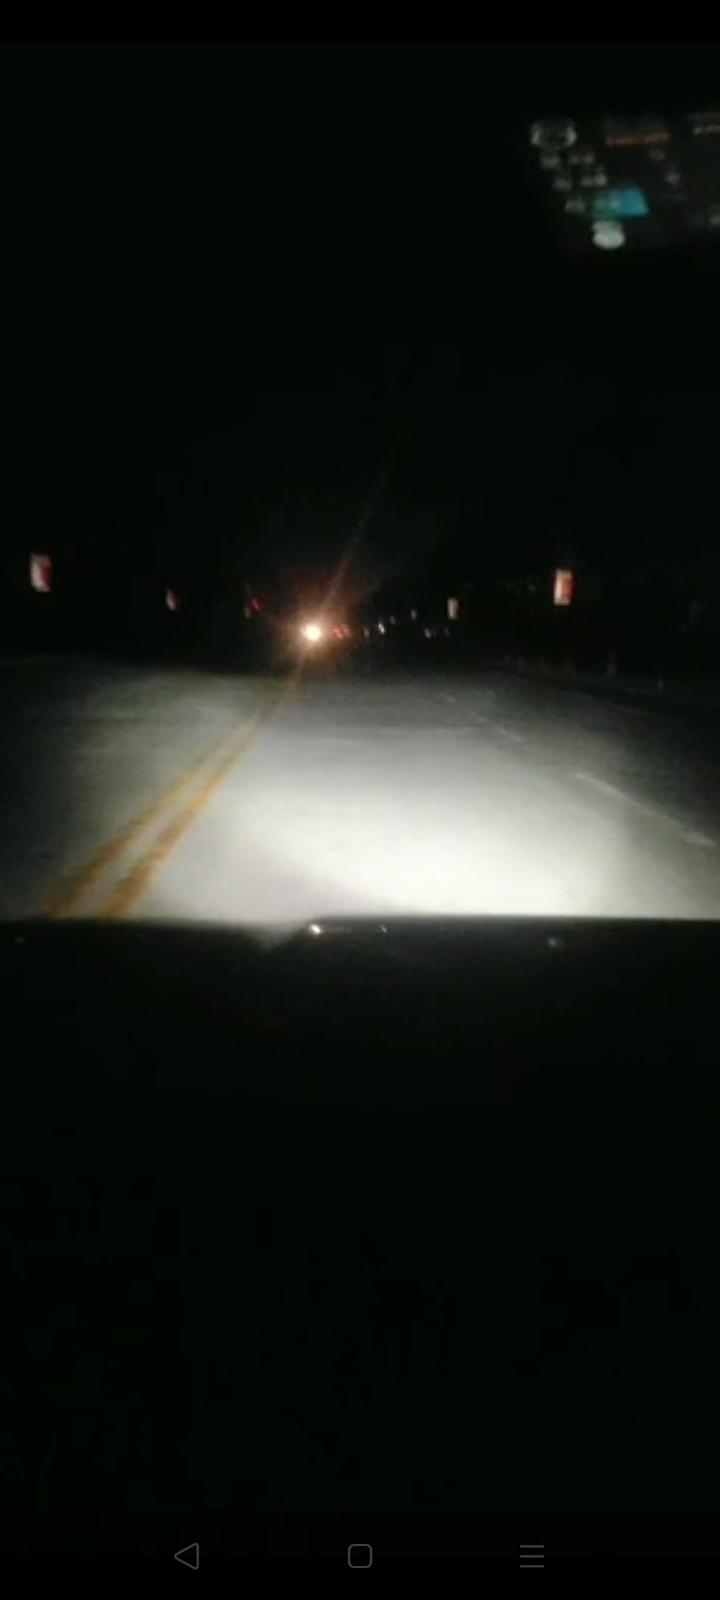 汽车大灯不亮,不聚光,散光